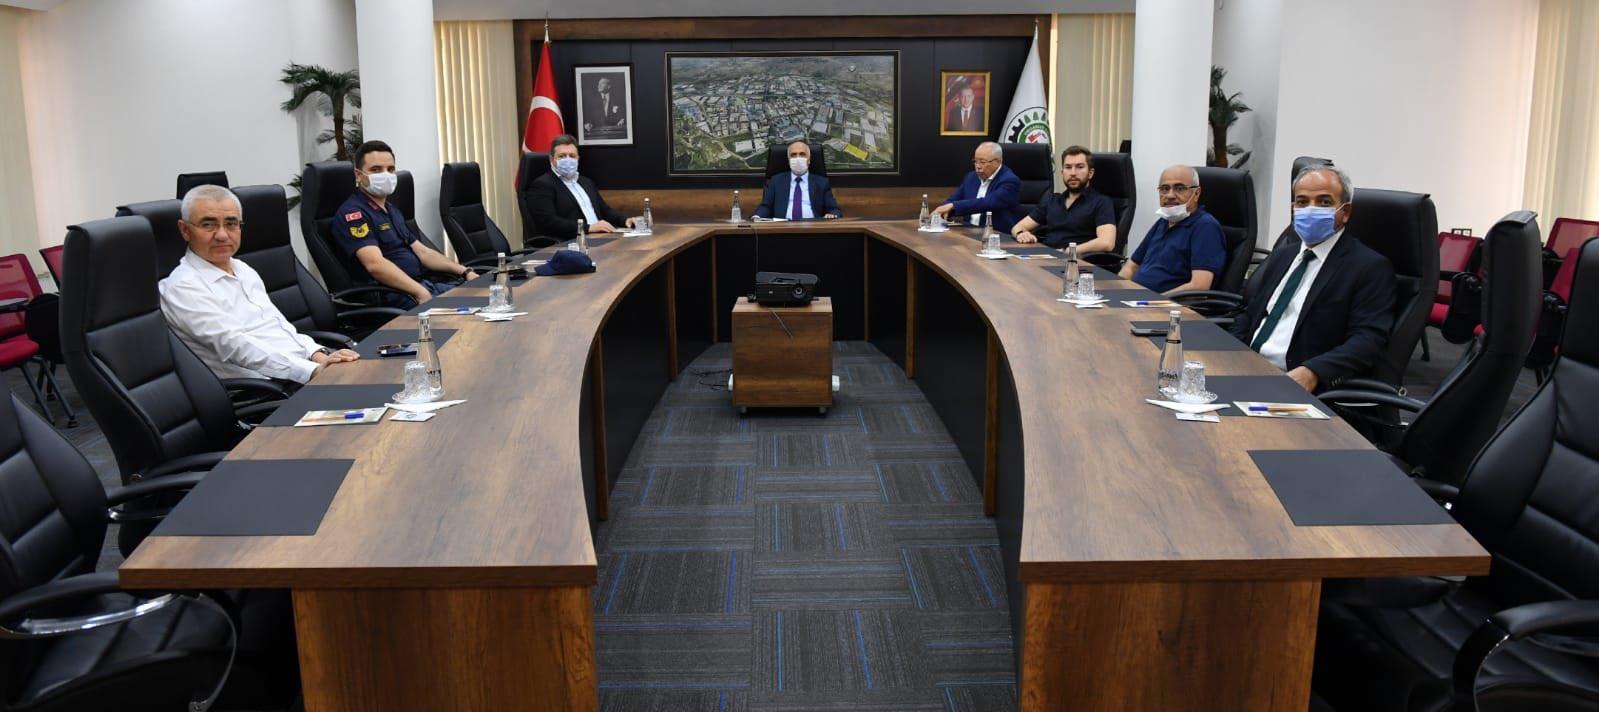 Denizli Valisi Sayın Hasan Karahan, Denizli OSB'yi ziyaret etti.